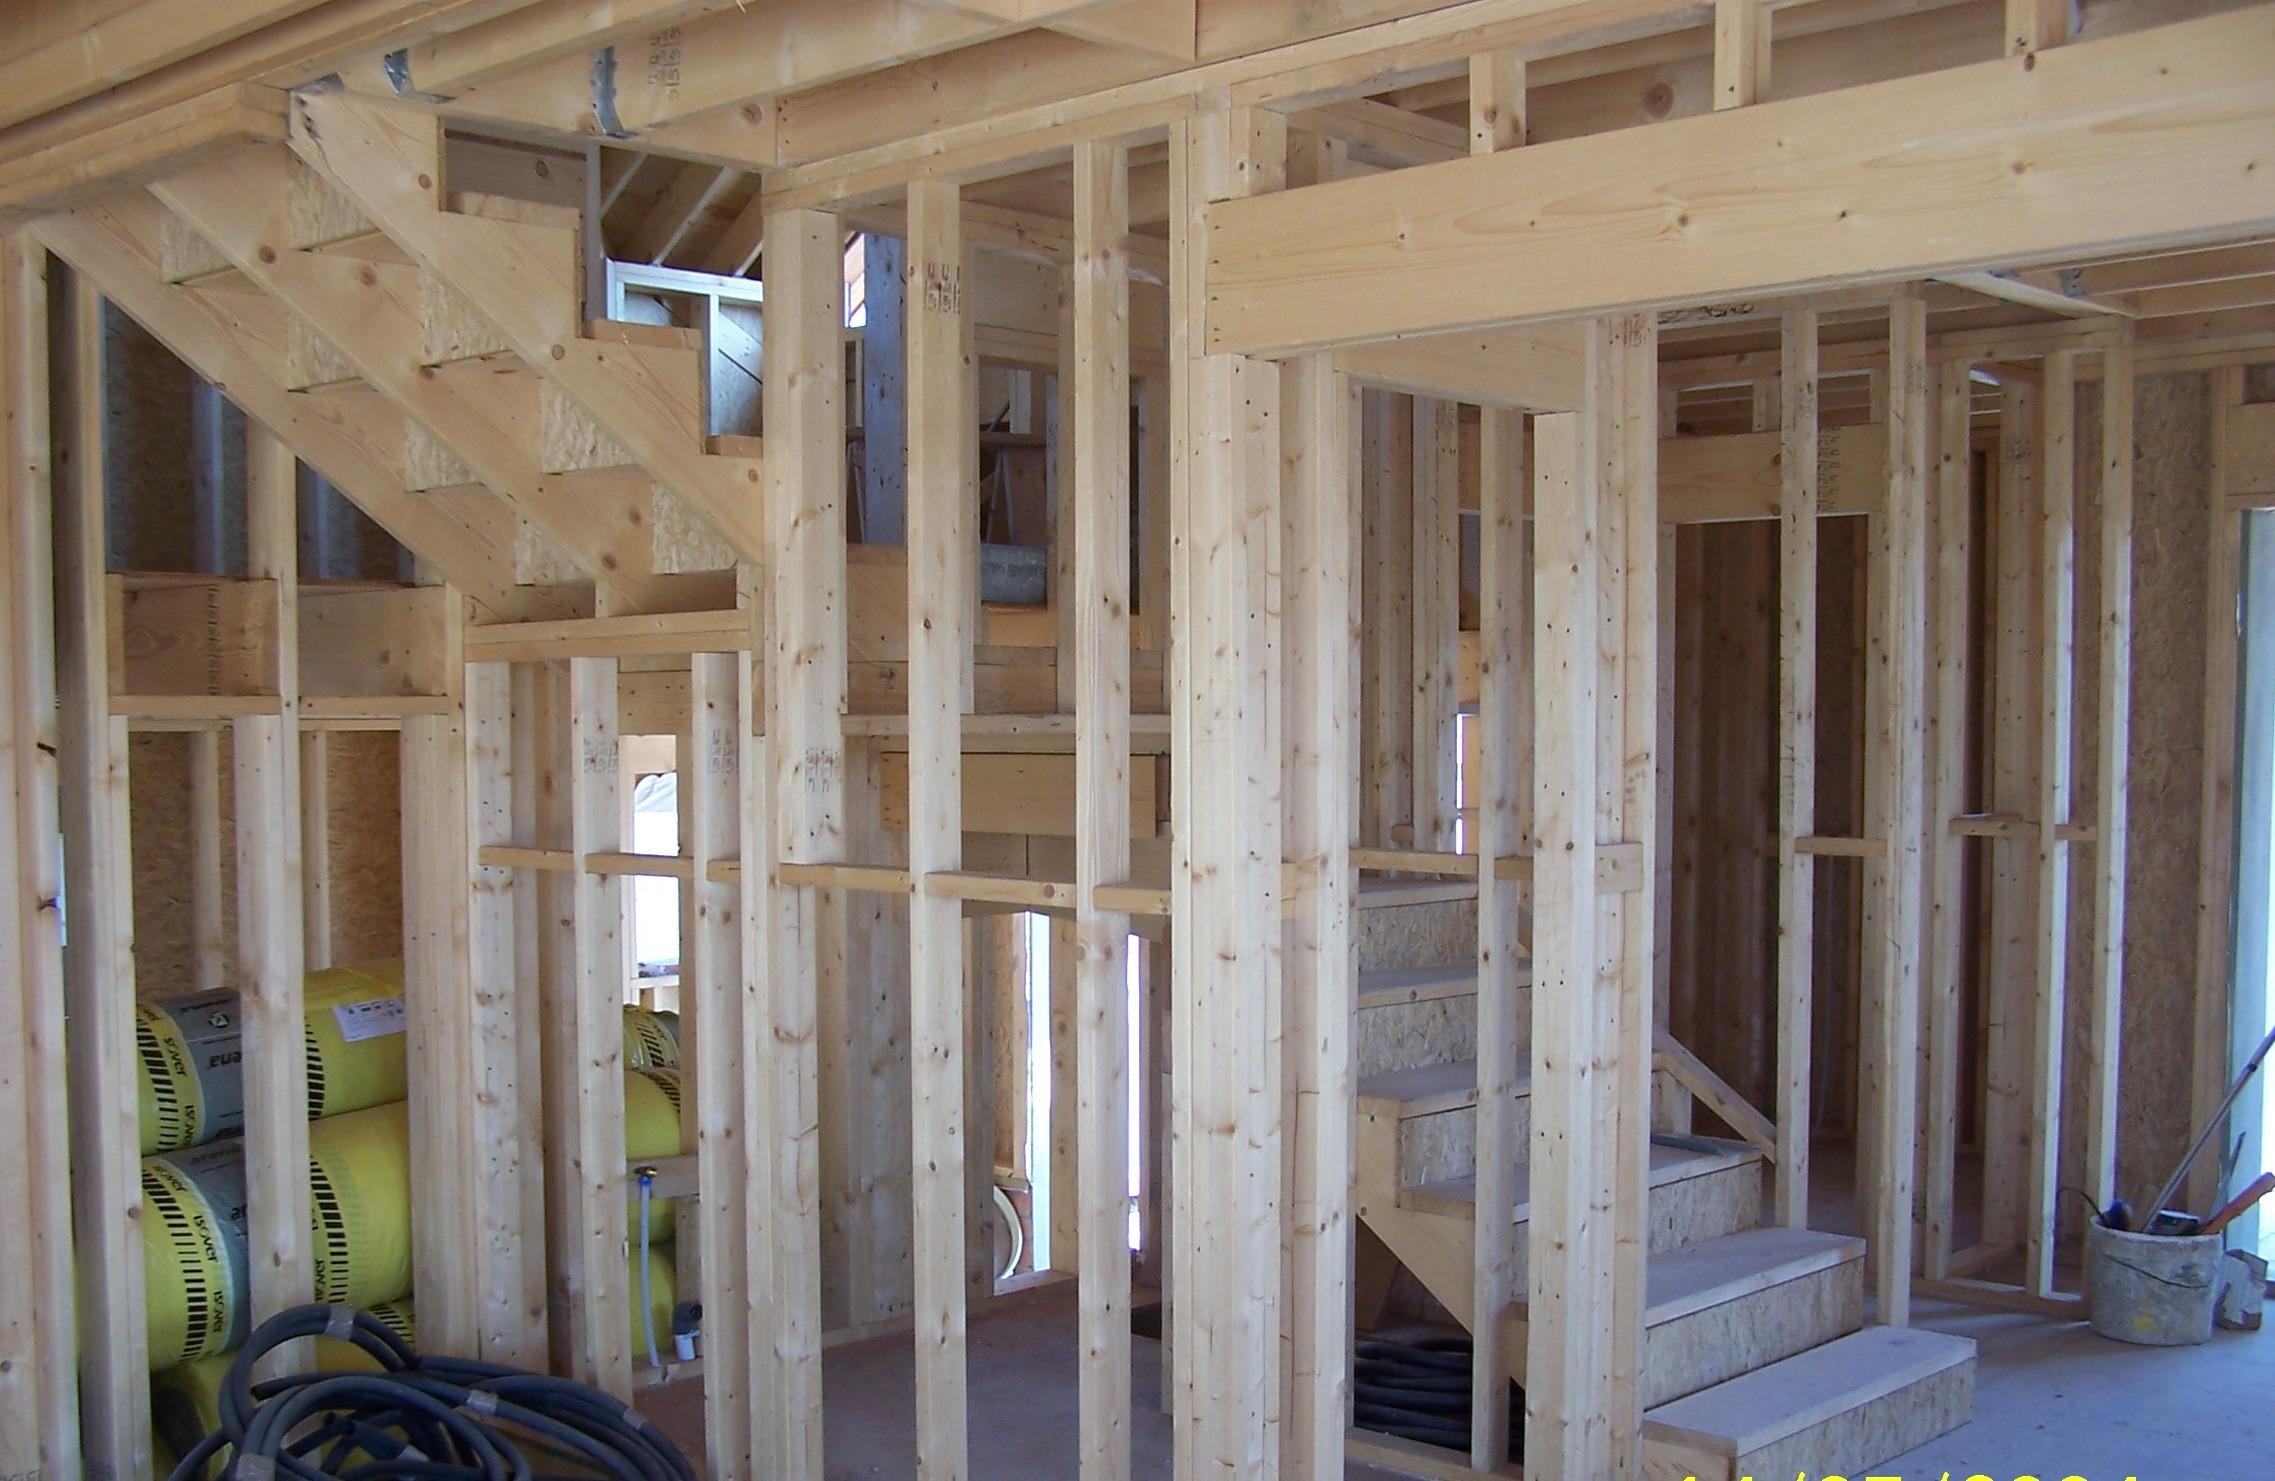 Casas de madera canadienses construcciones canadienses - Casas de madera de pino ...